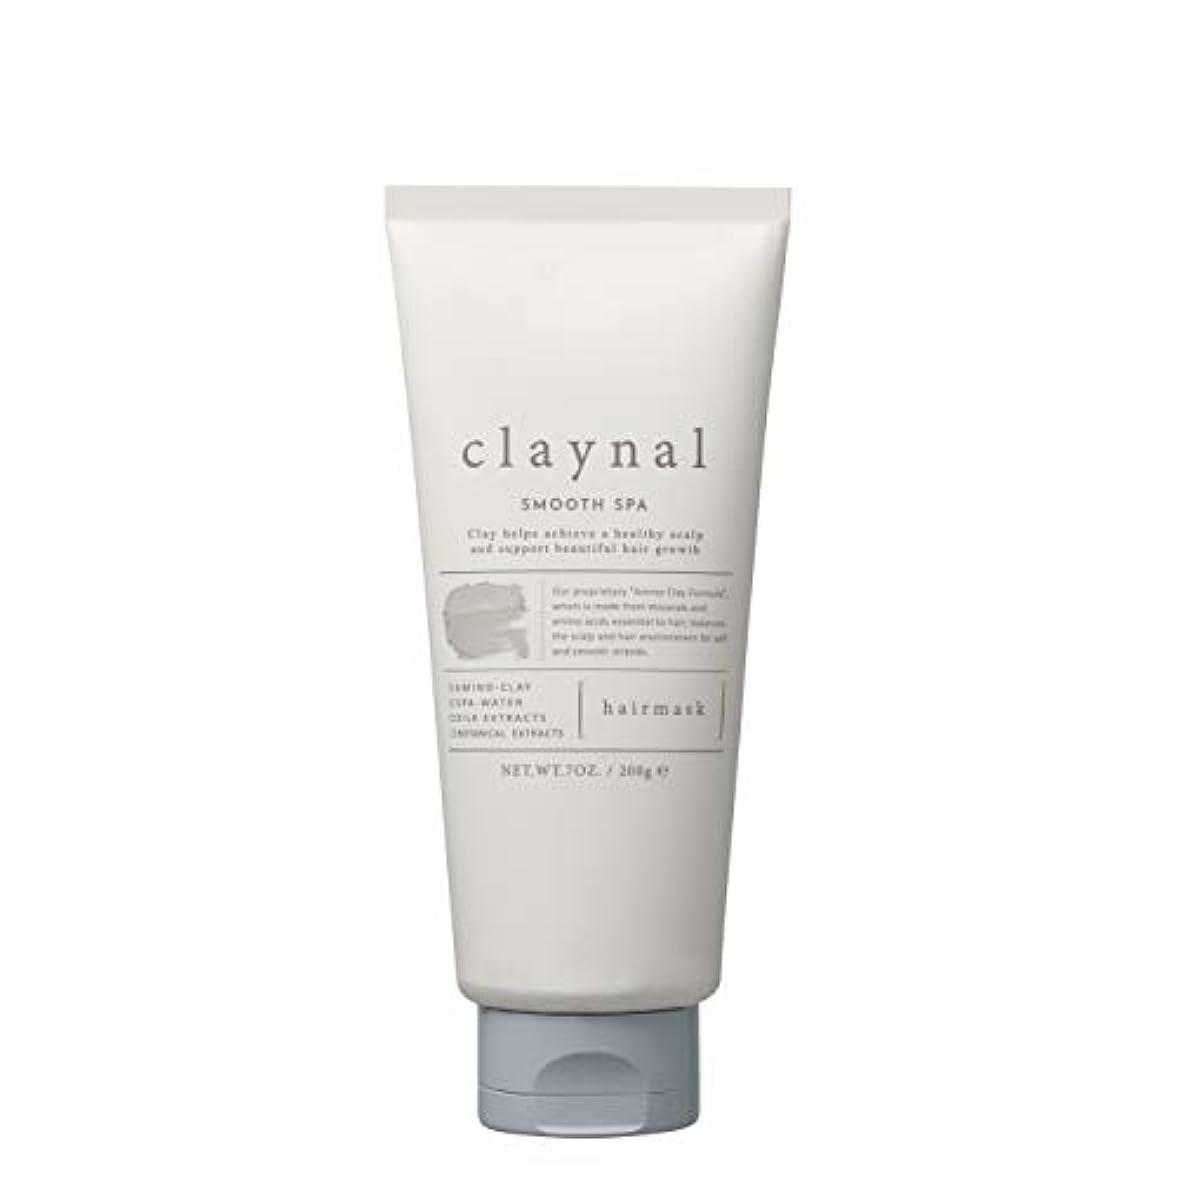 しなやか合理的空中claynal(クレイナル) クレイナル スムーススパヘアマスク 200g トリートメント